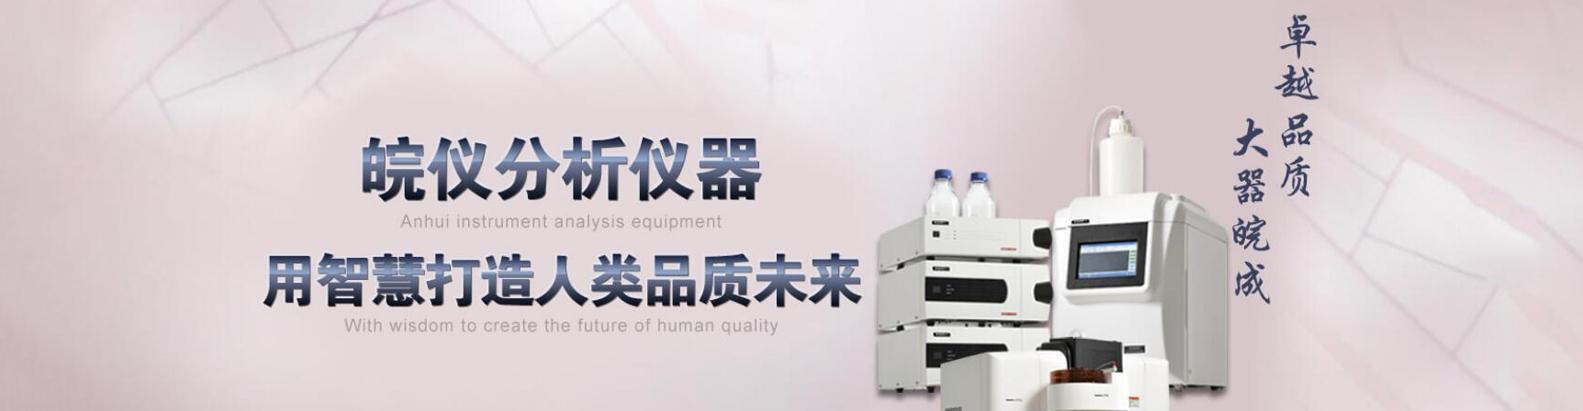 安徽皖仪科技股份有限公司-banner1